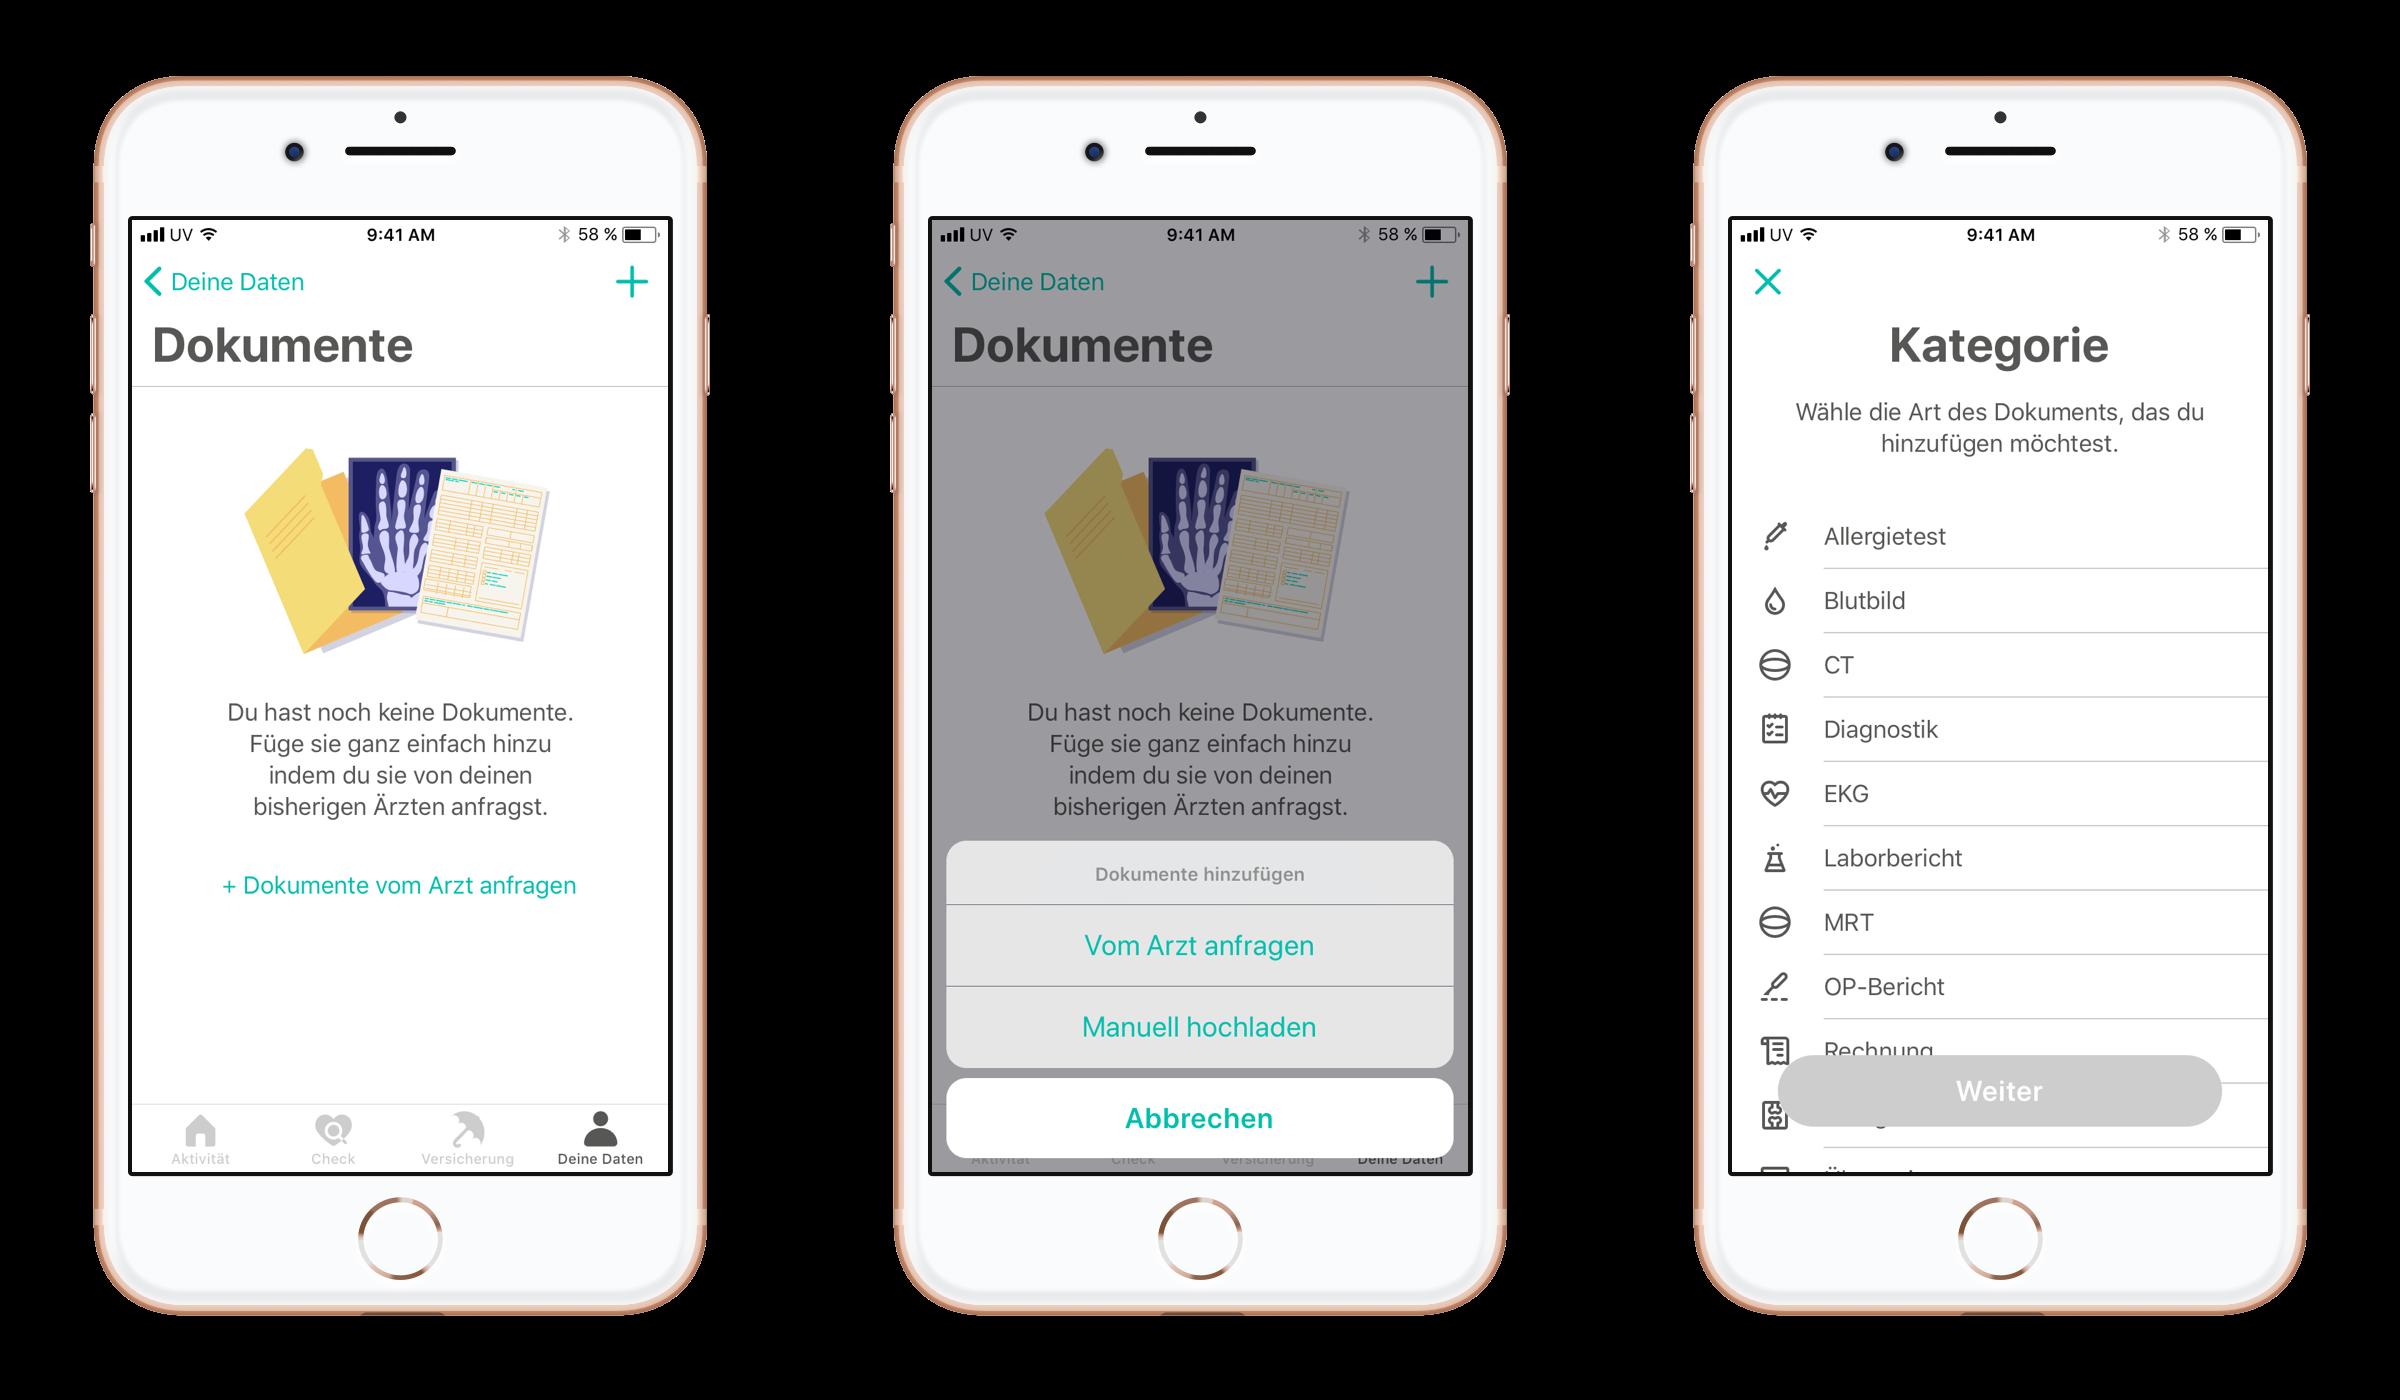 Ein Auszug aus der BKK Diakonie App, der die Kategorie Dokumente abbildet.